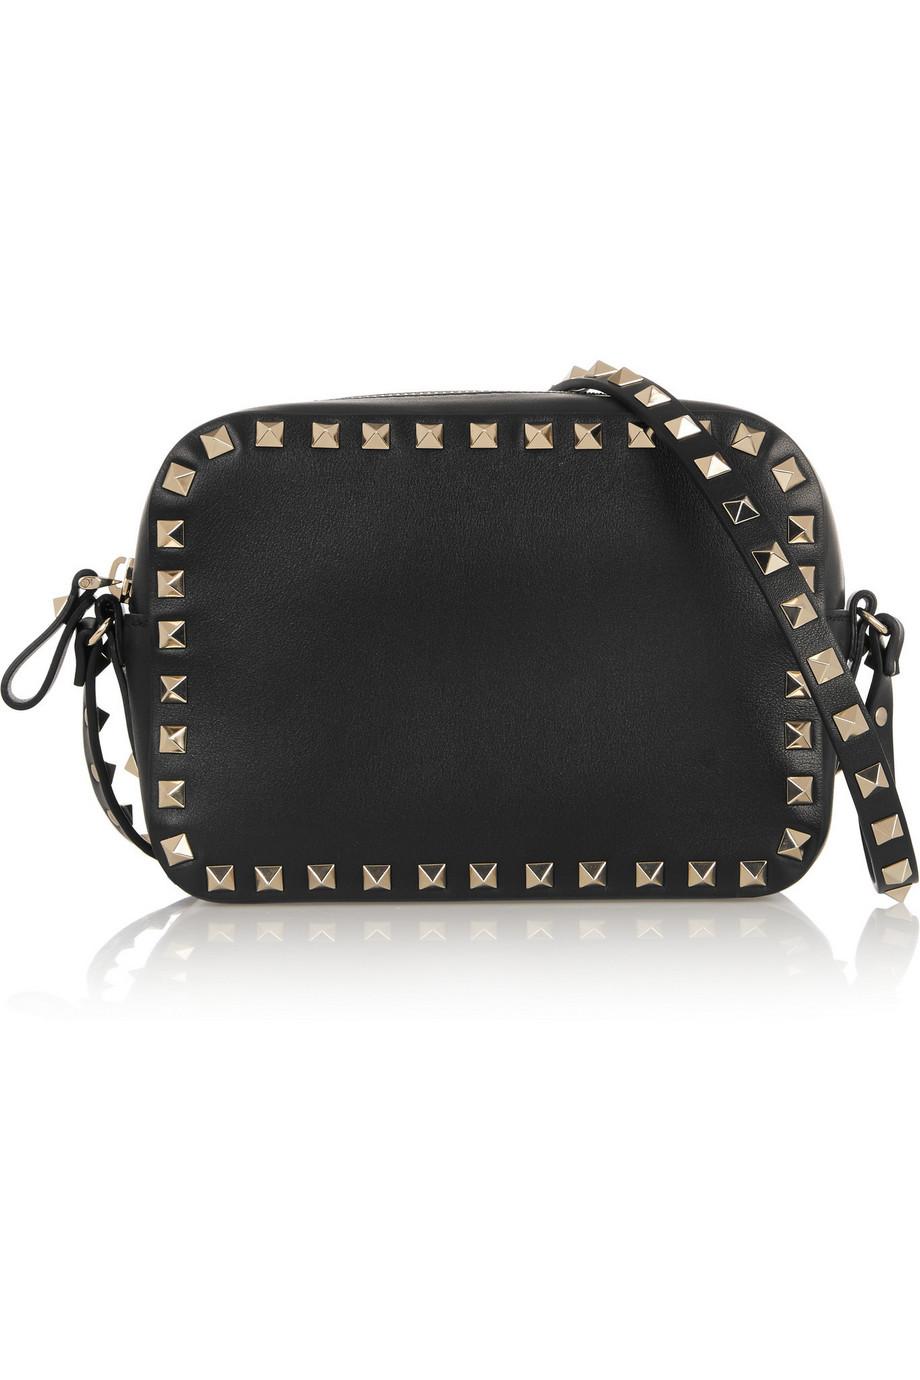 Valentino The Rockstud Leather Shoulder Bag, Black, Women's